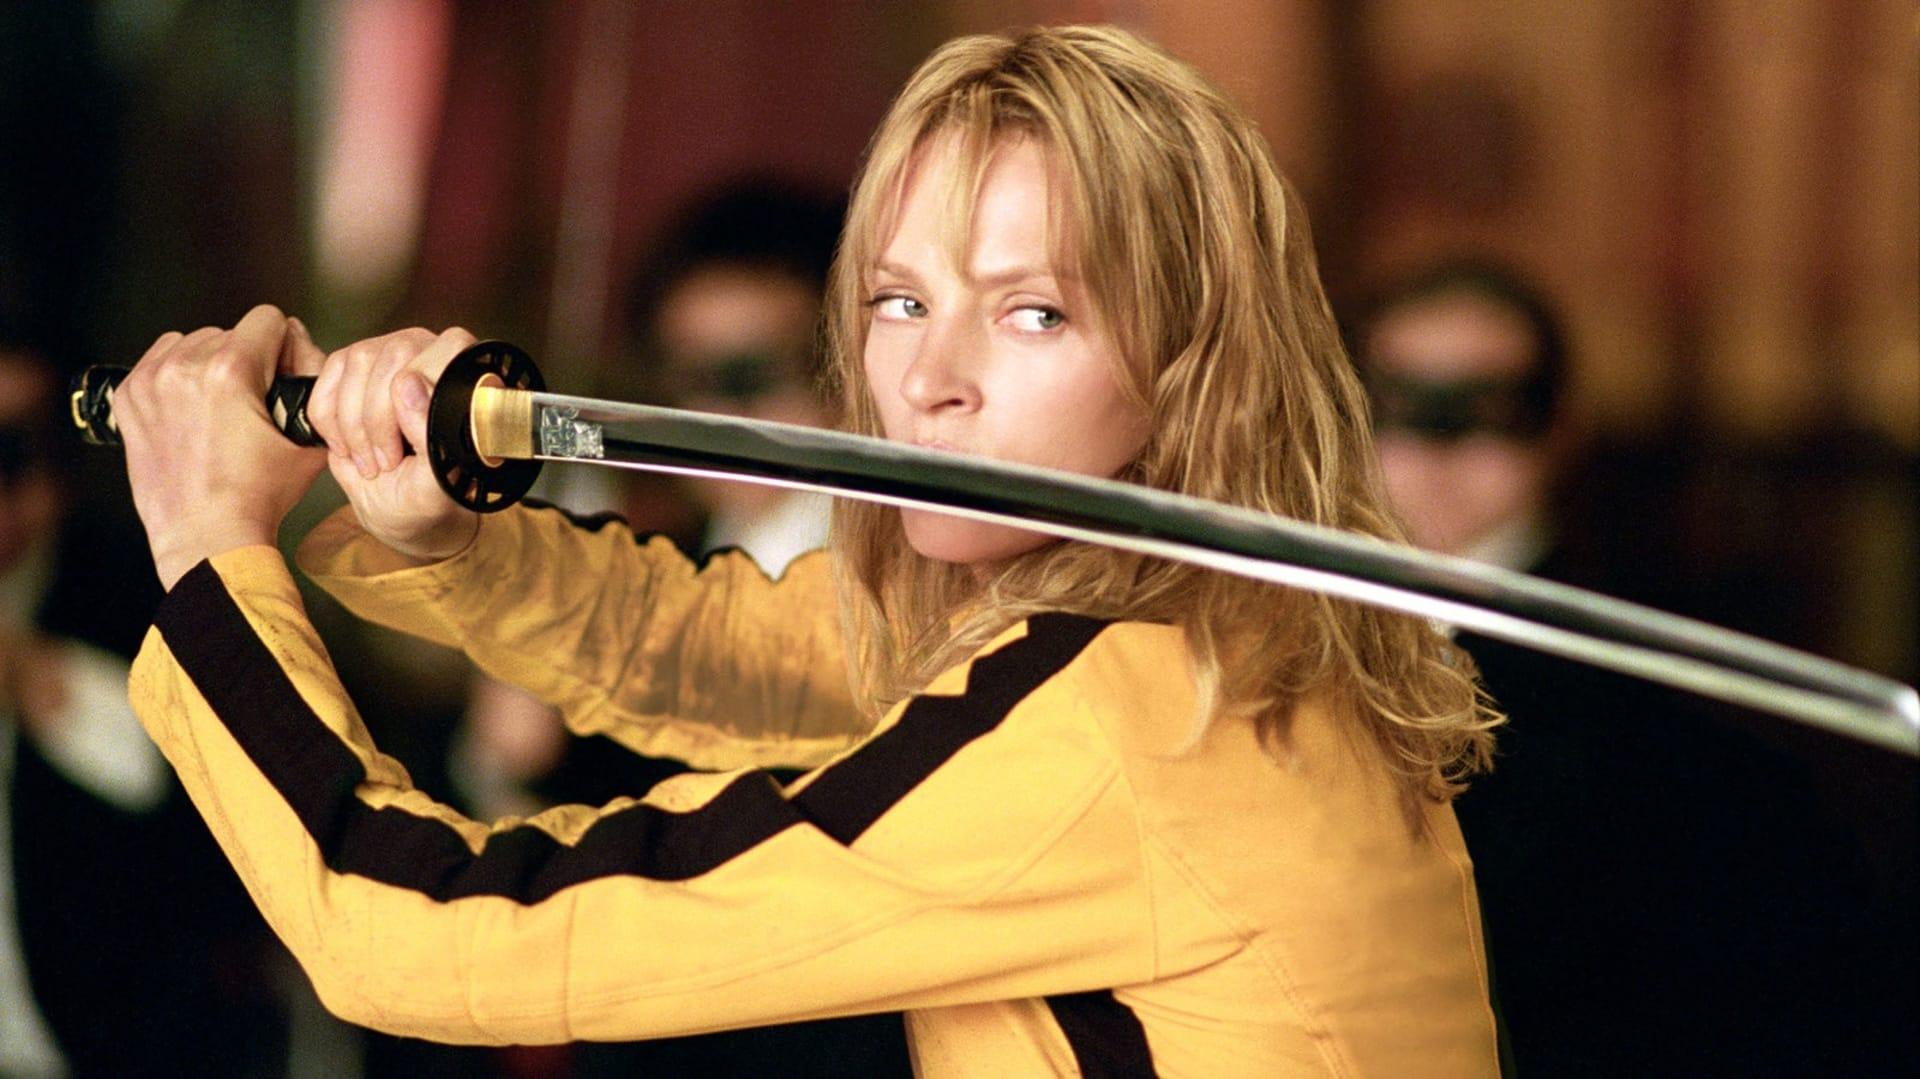 Quentin Tarantino's Kill Bill